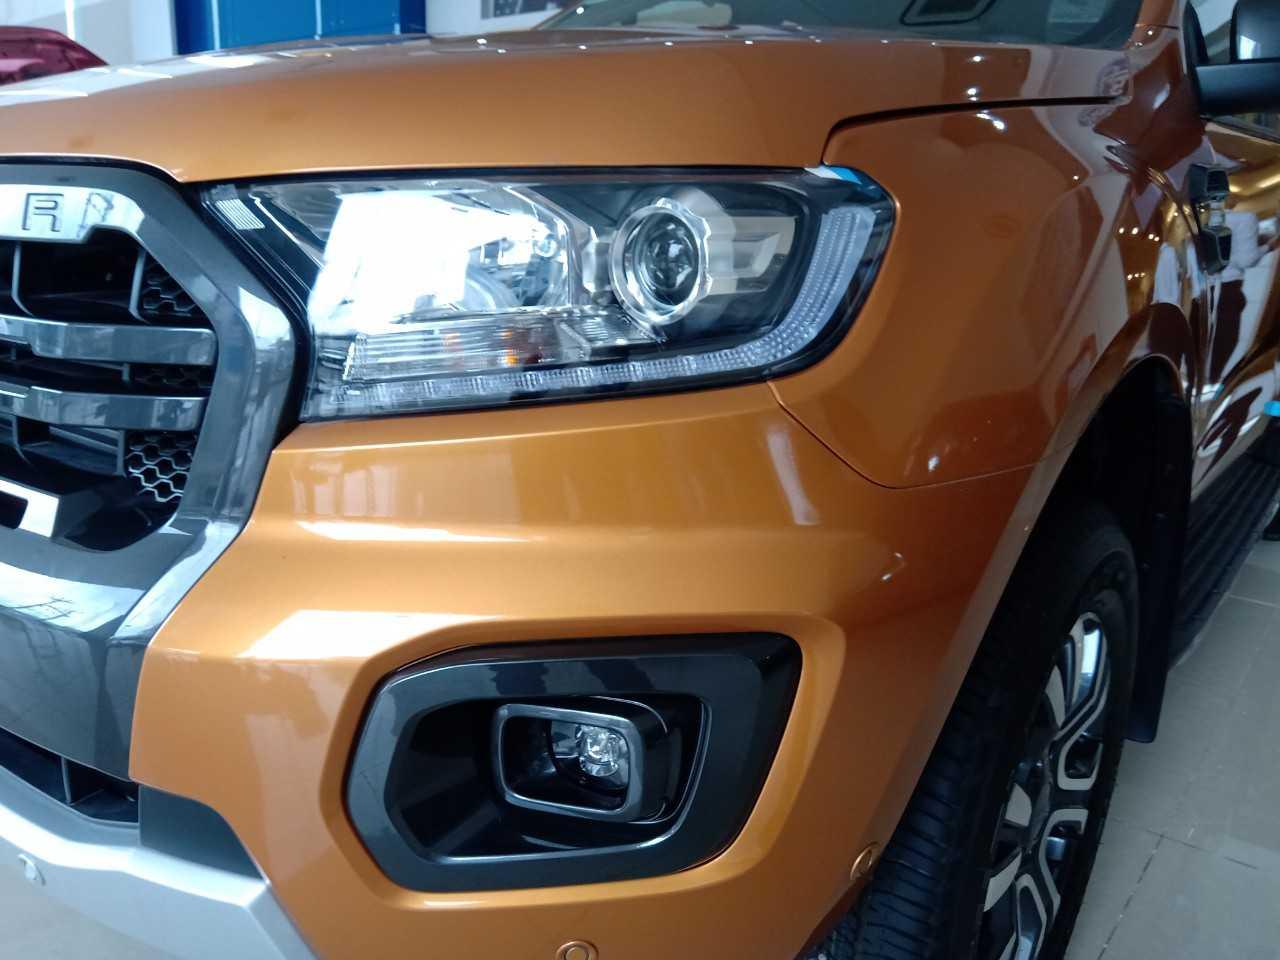 Giá lăn bánh Ford Ranger Wildtrak 4x2 2020 ở Hải phòng 2